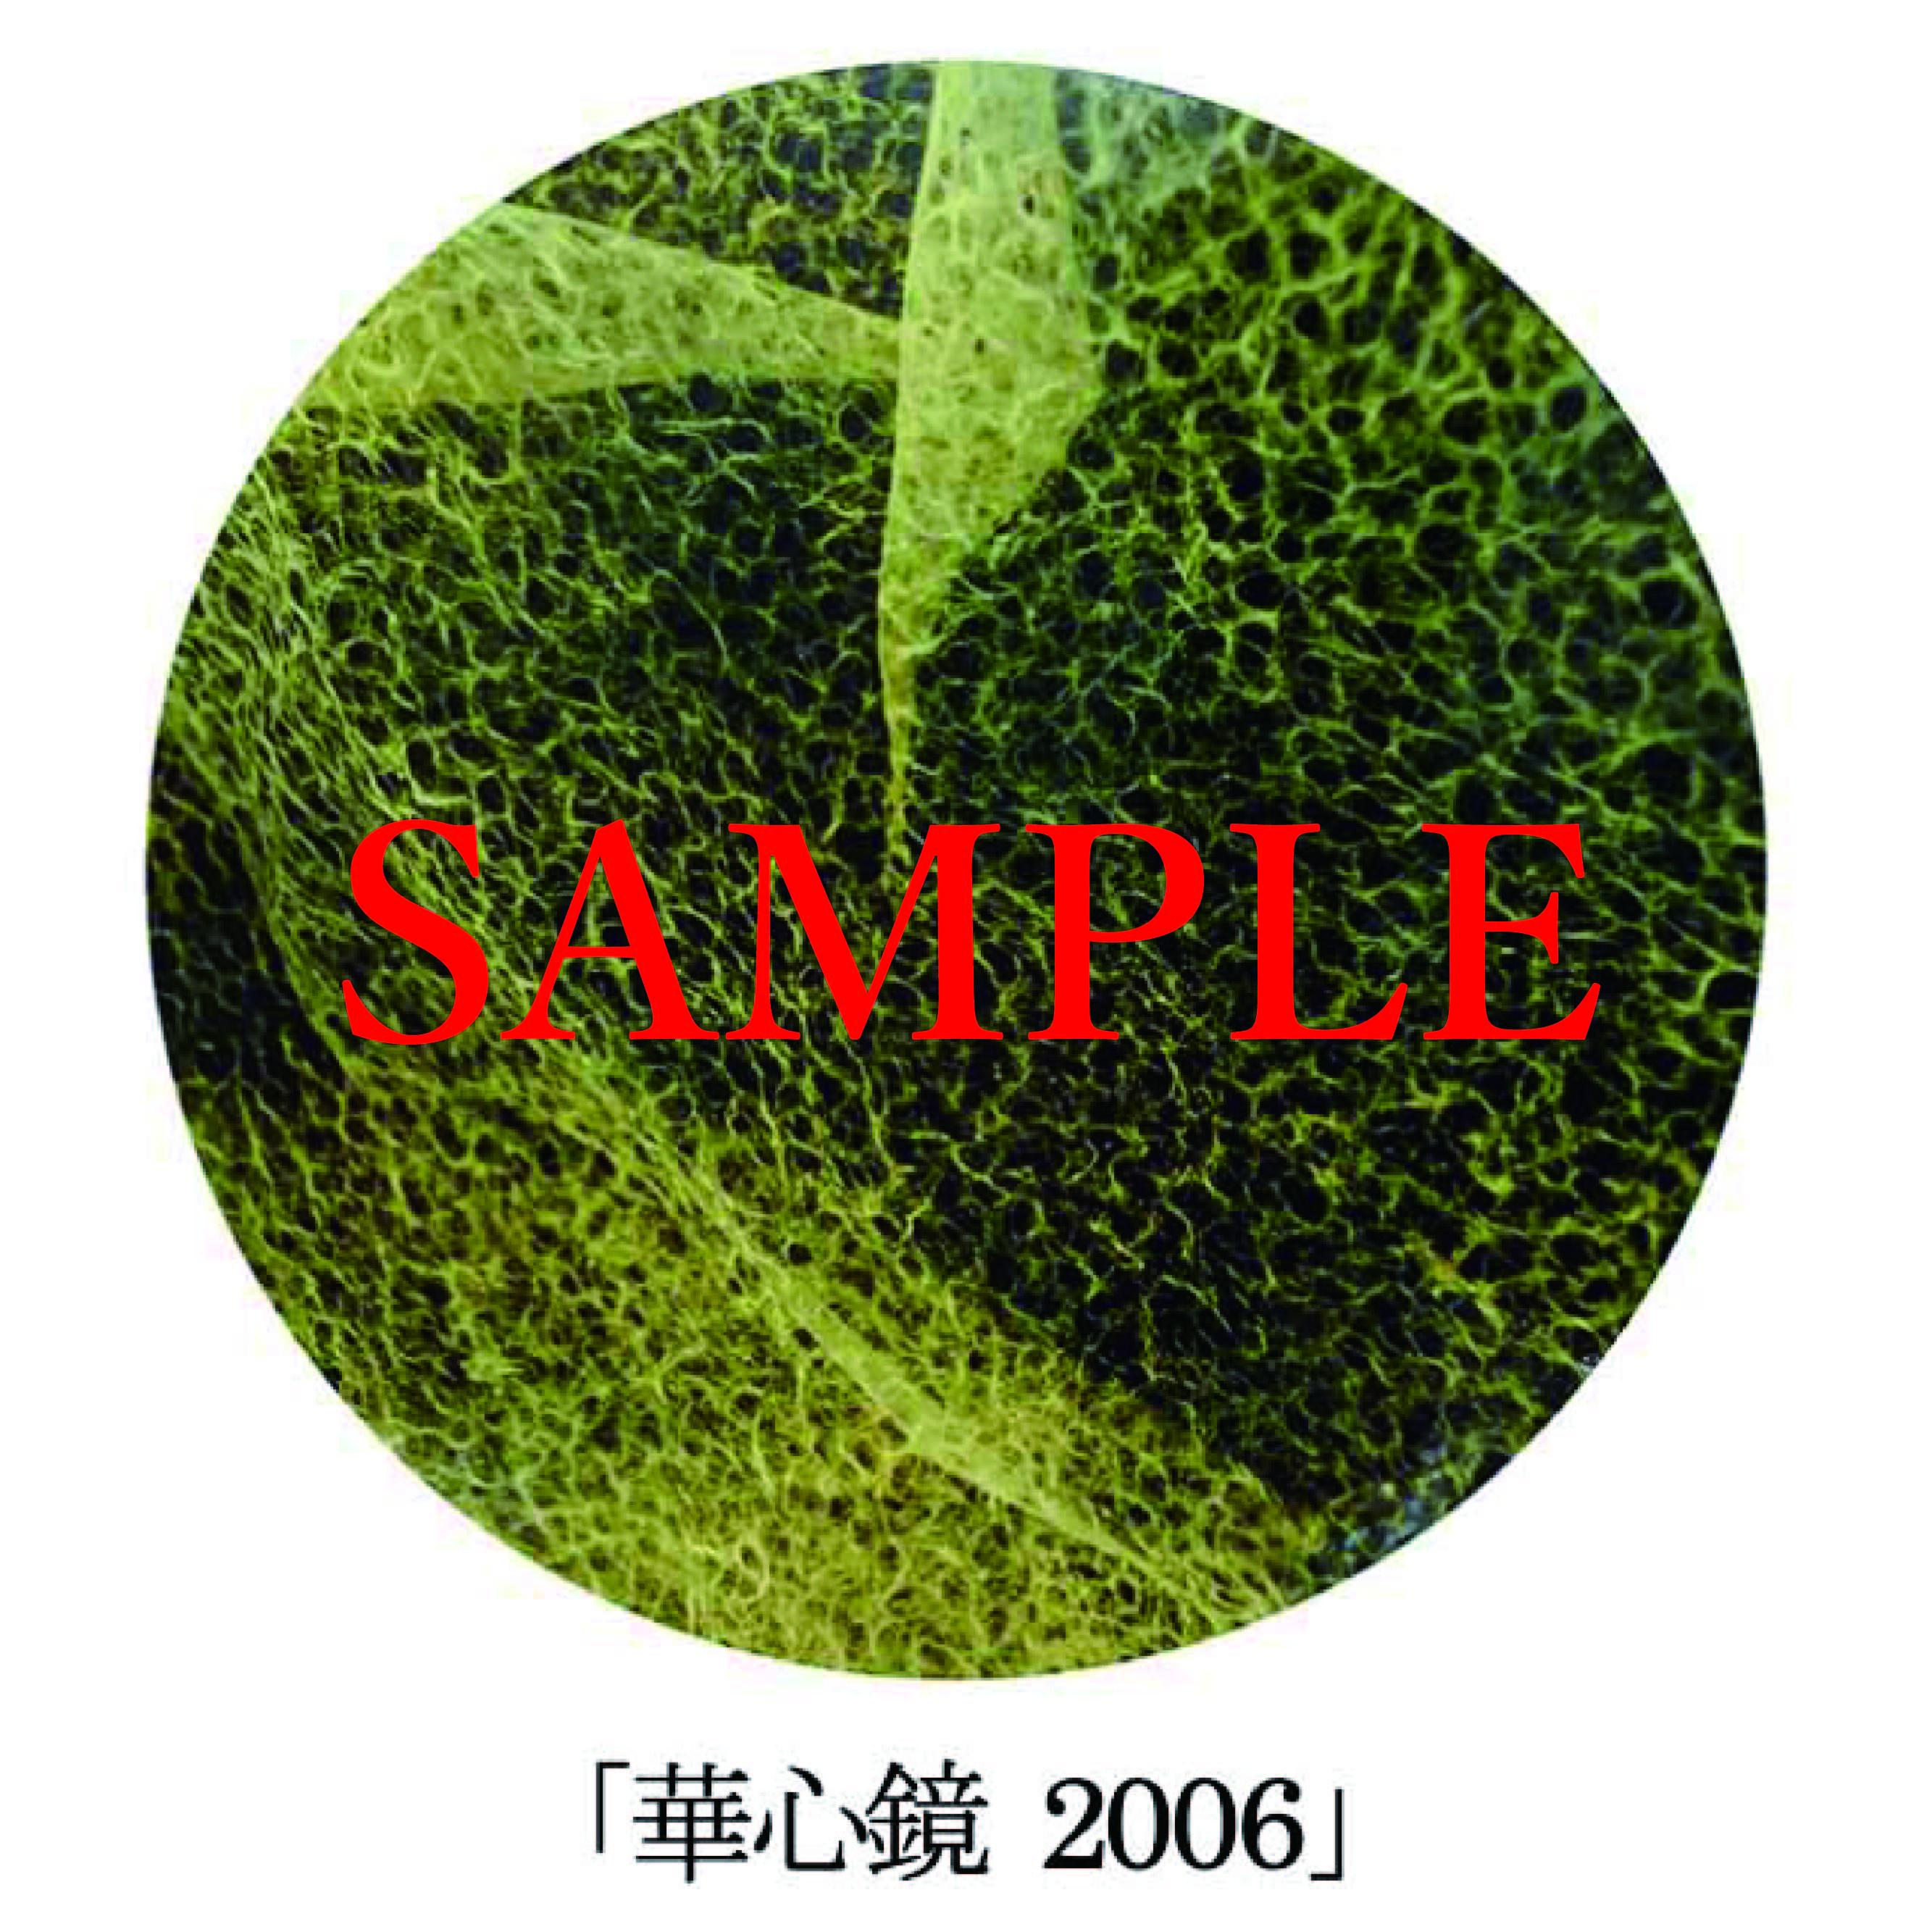 「華心鏡2006」【井坂健一郎作品華心鏡(かしんきょう)シリーズ】